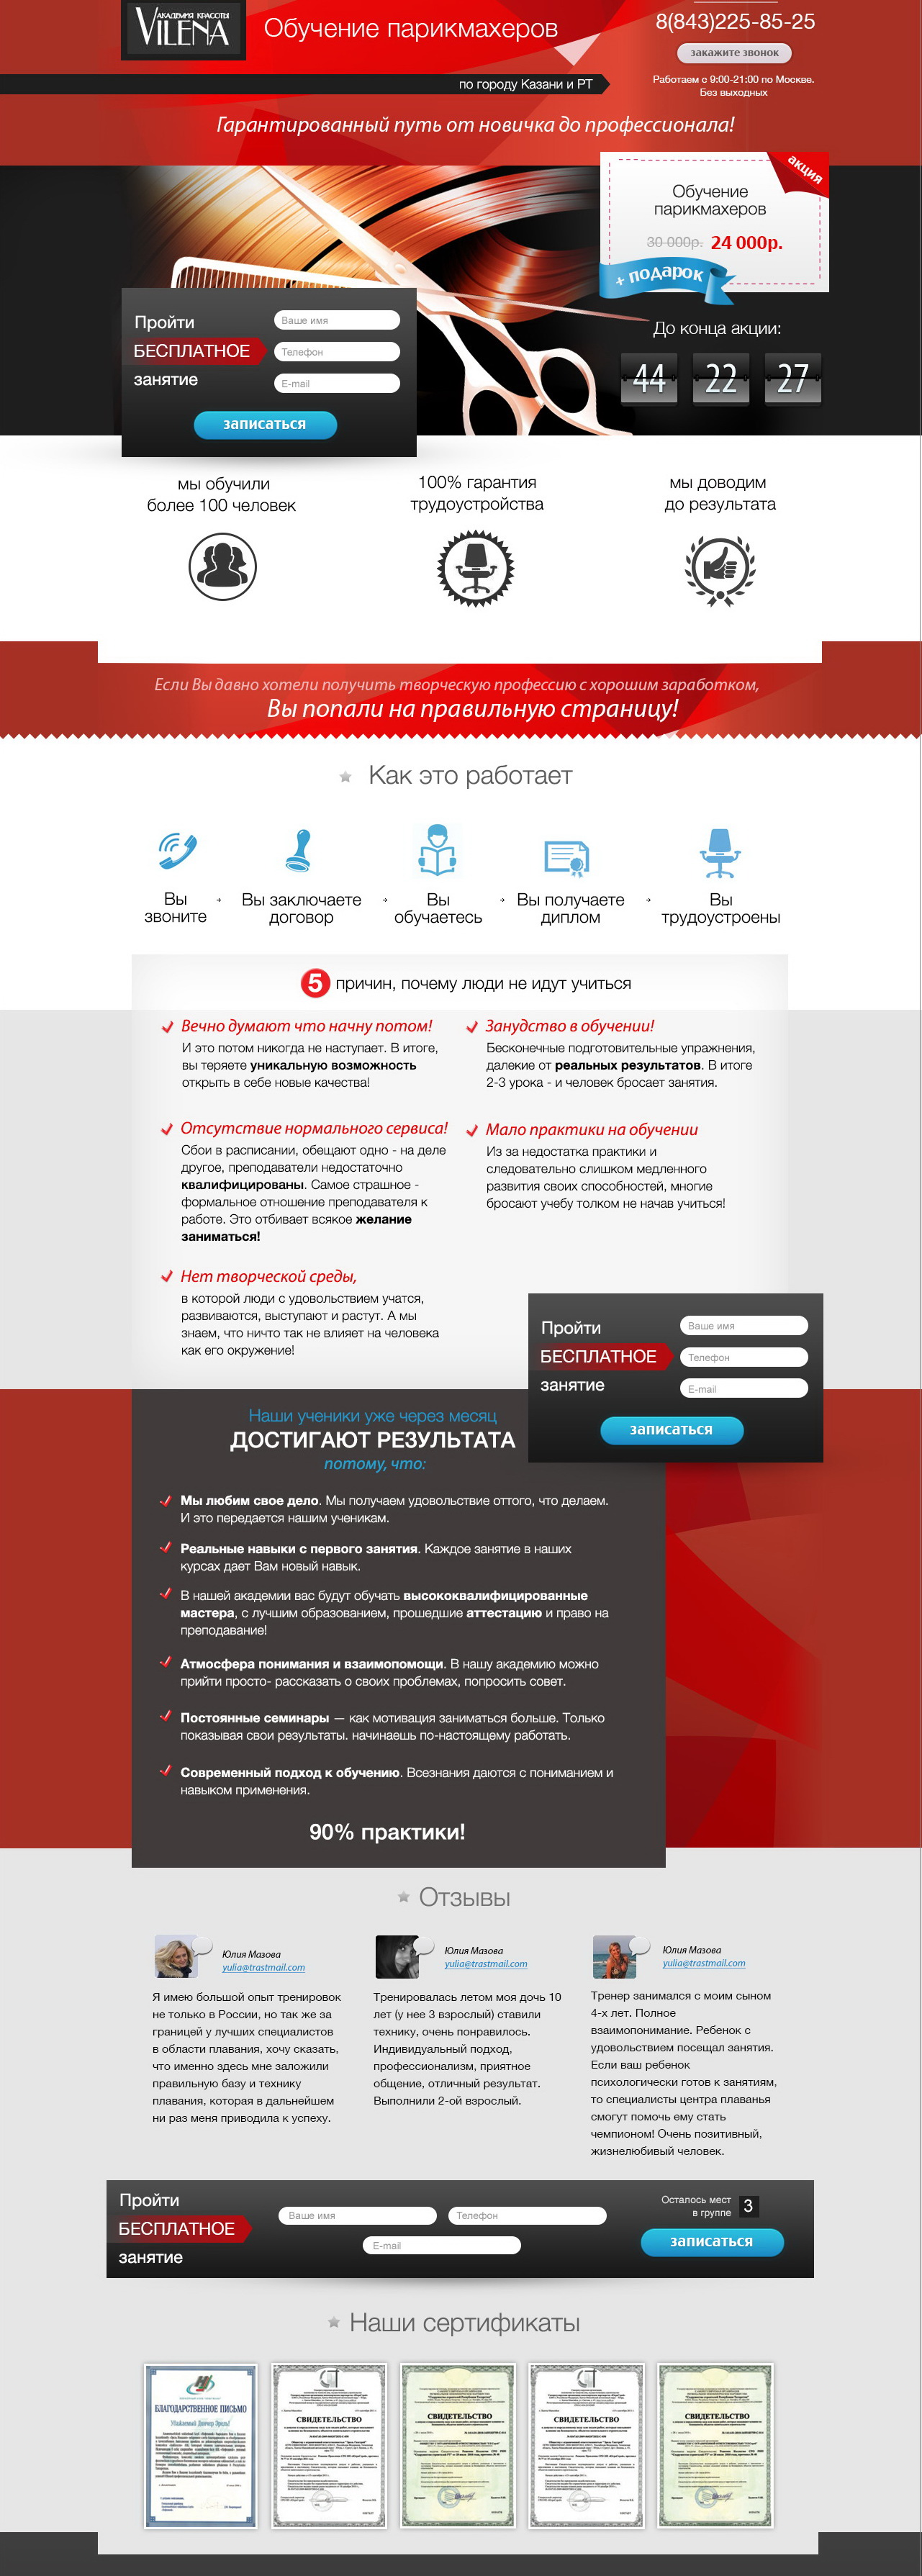 Landing page: Vilena Аккадемия красоты